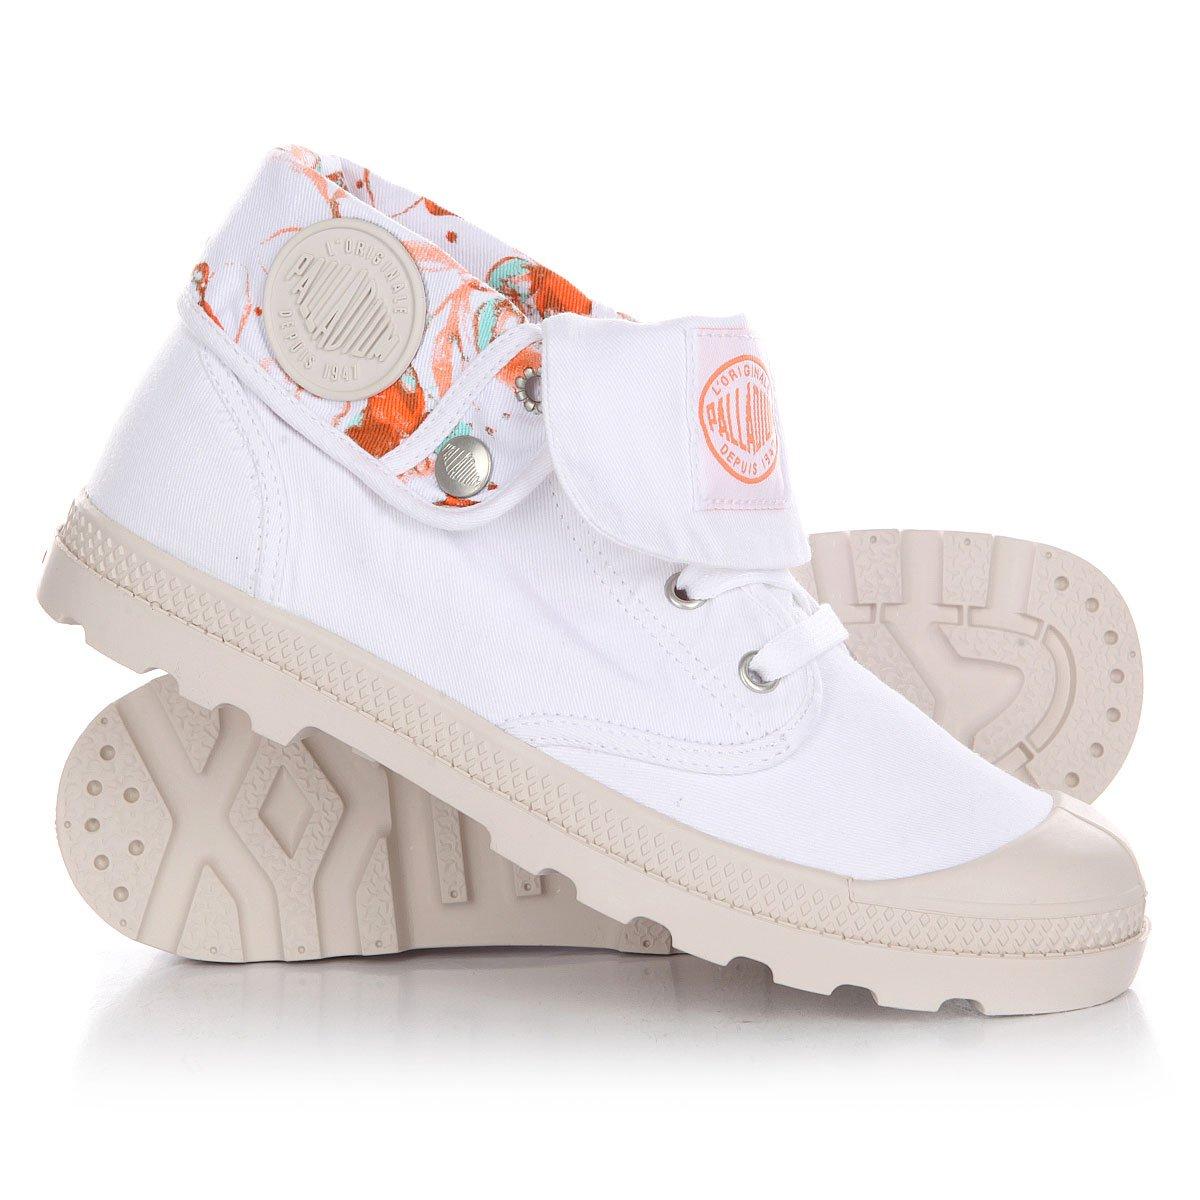 Купить ботинки низкие женские Palladium Baggy Low Lp Tw P White Cement Gray  в интернет-магазине Proskater.by a8ec60084e637